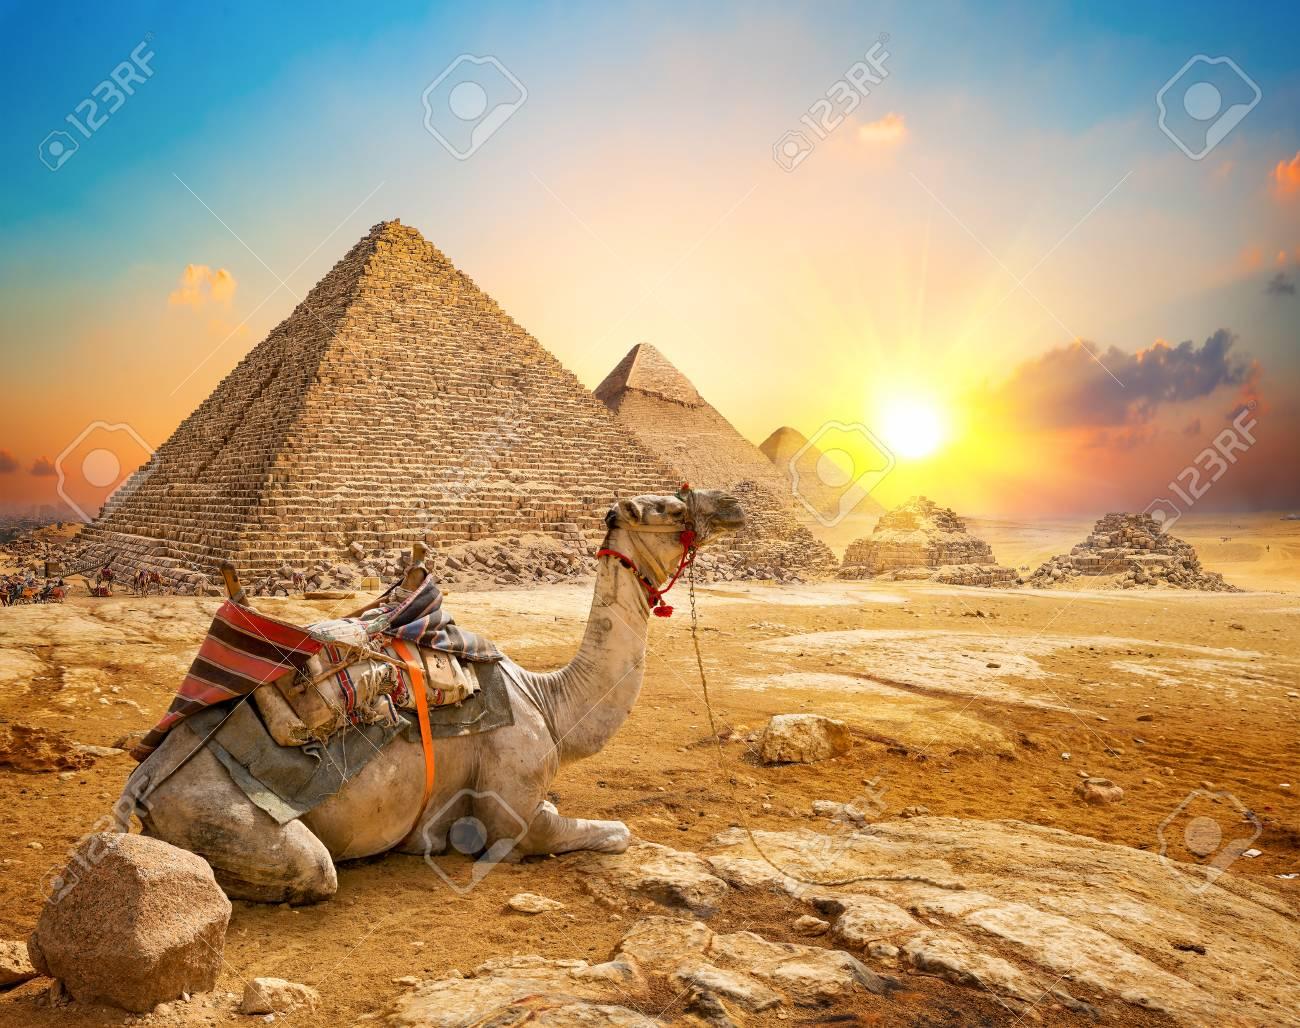 Camel and pyramids - 122413907